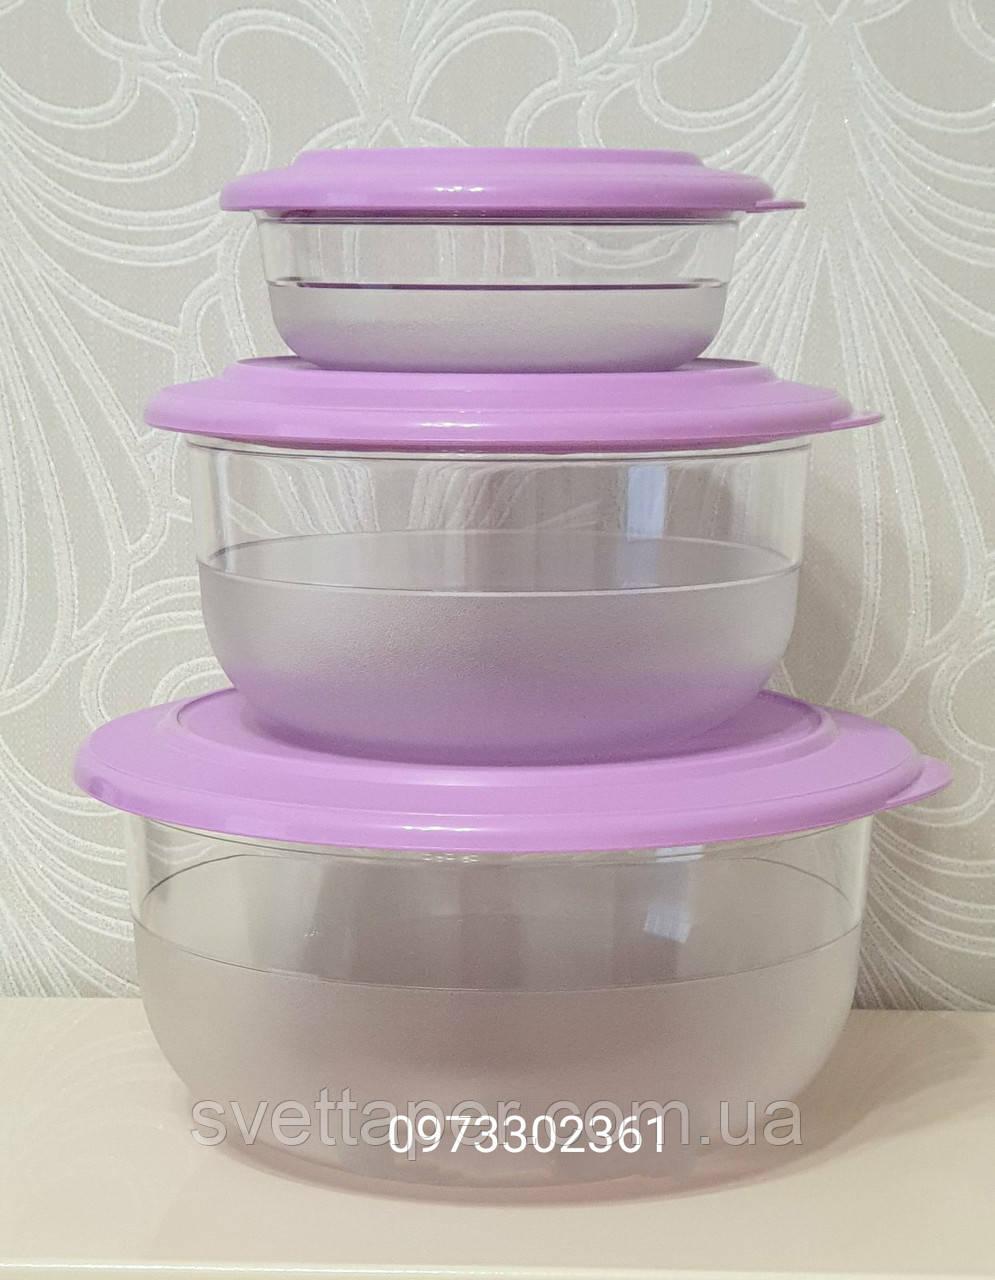 Набор чаш Ск прозрачные с сиреневой крышкой Tupperware